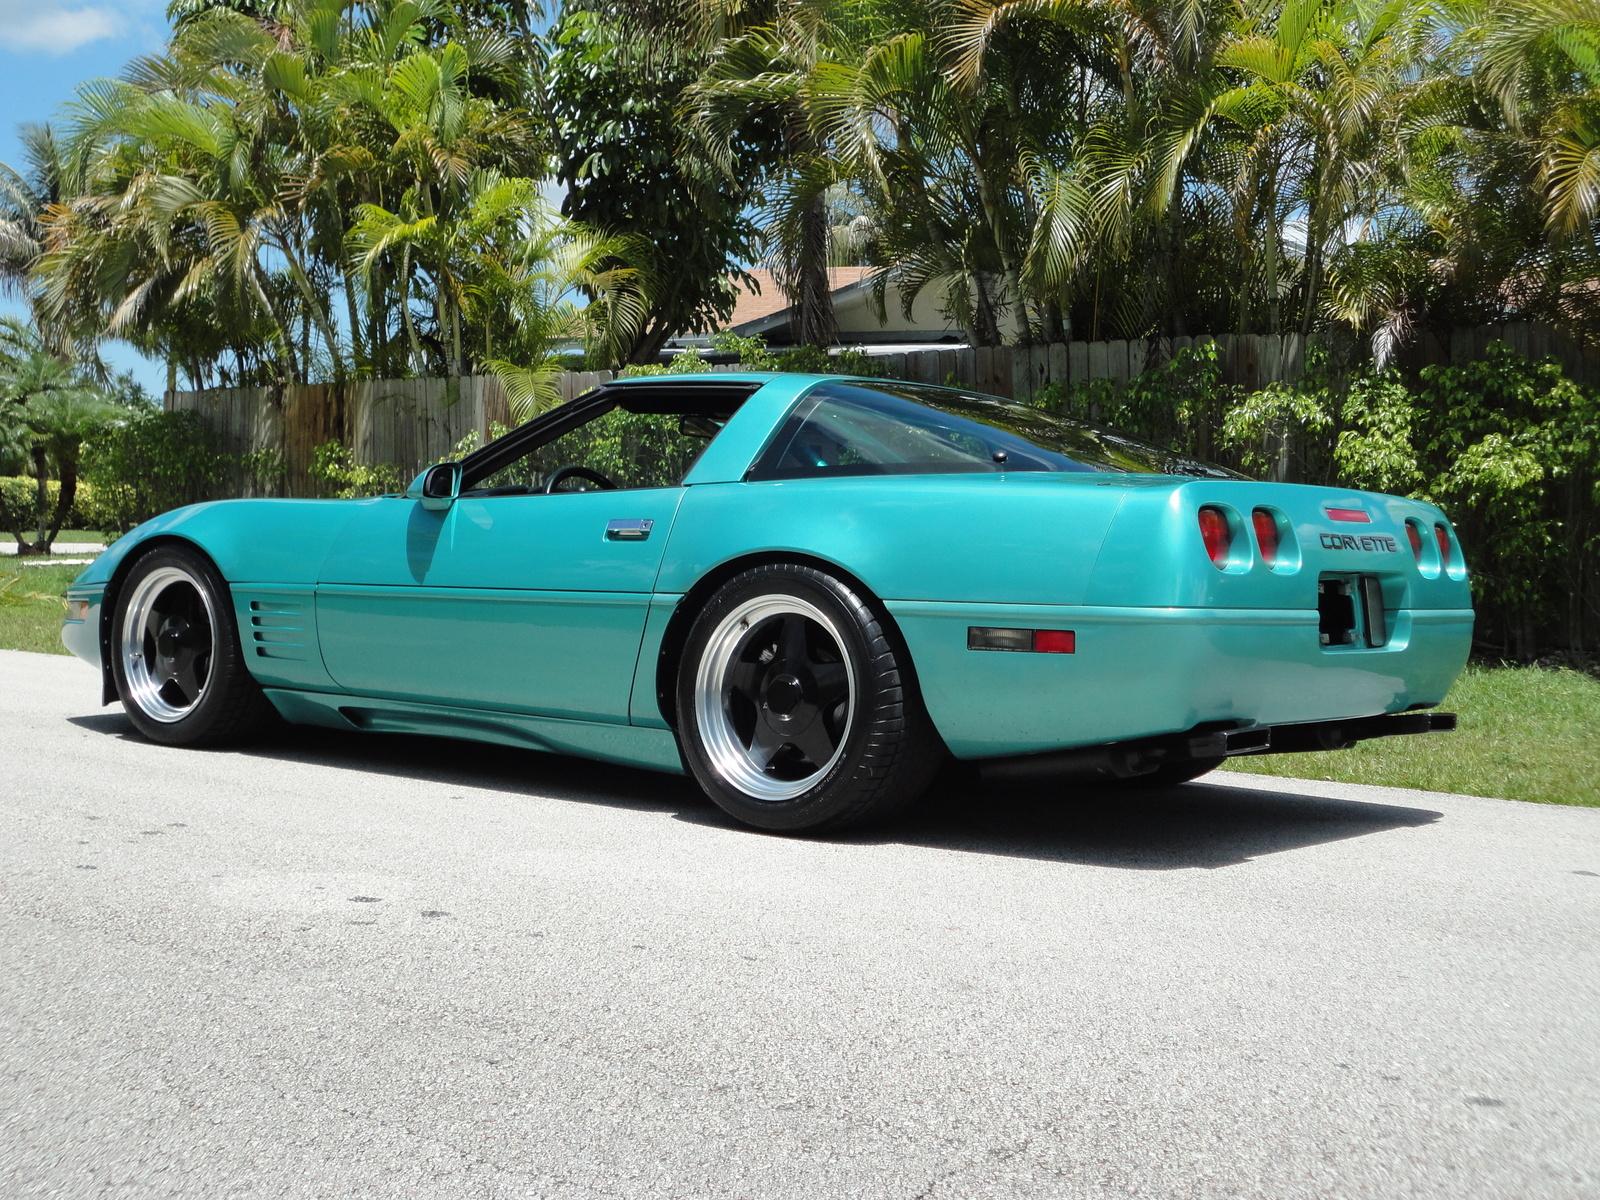 1999 Chevrolet Corvette Zr1 | Hairrs us